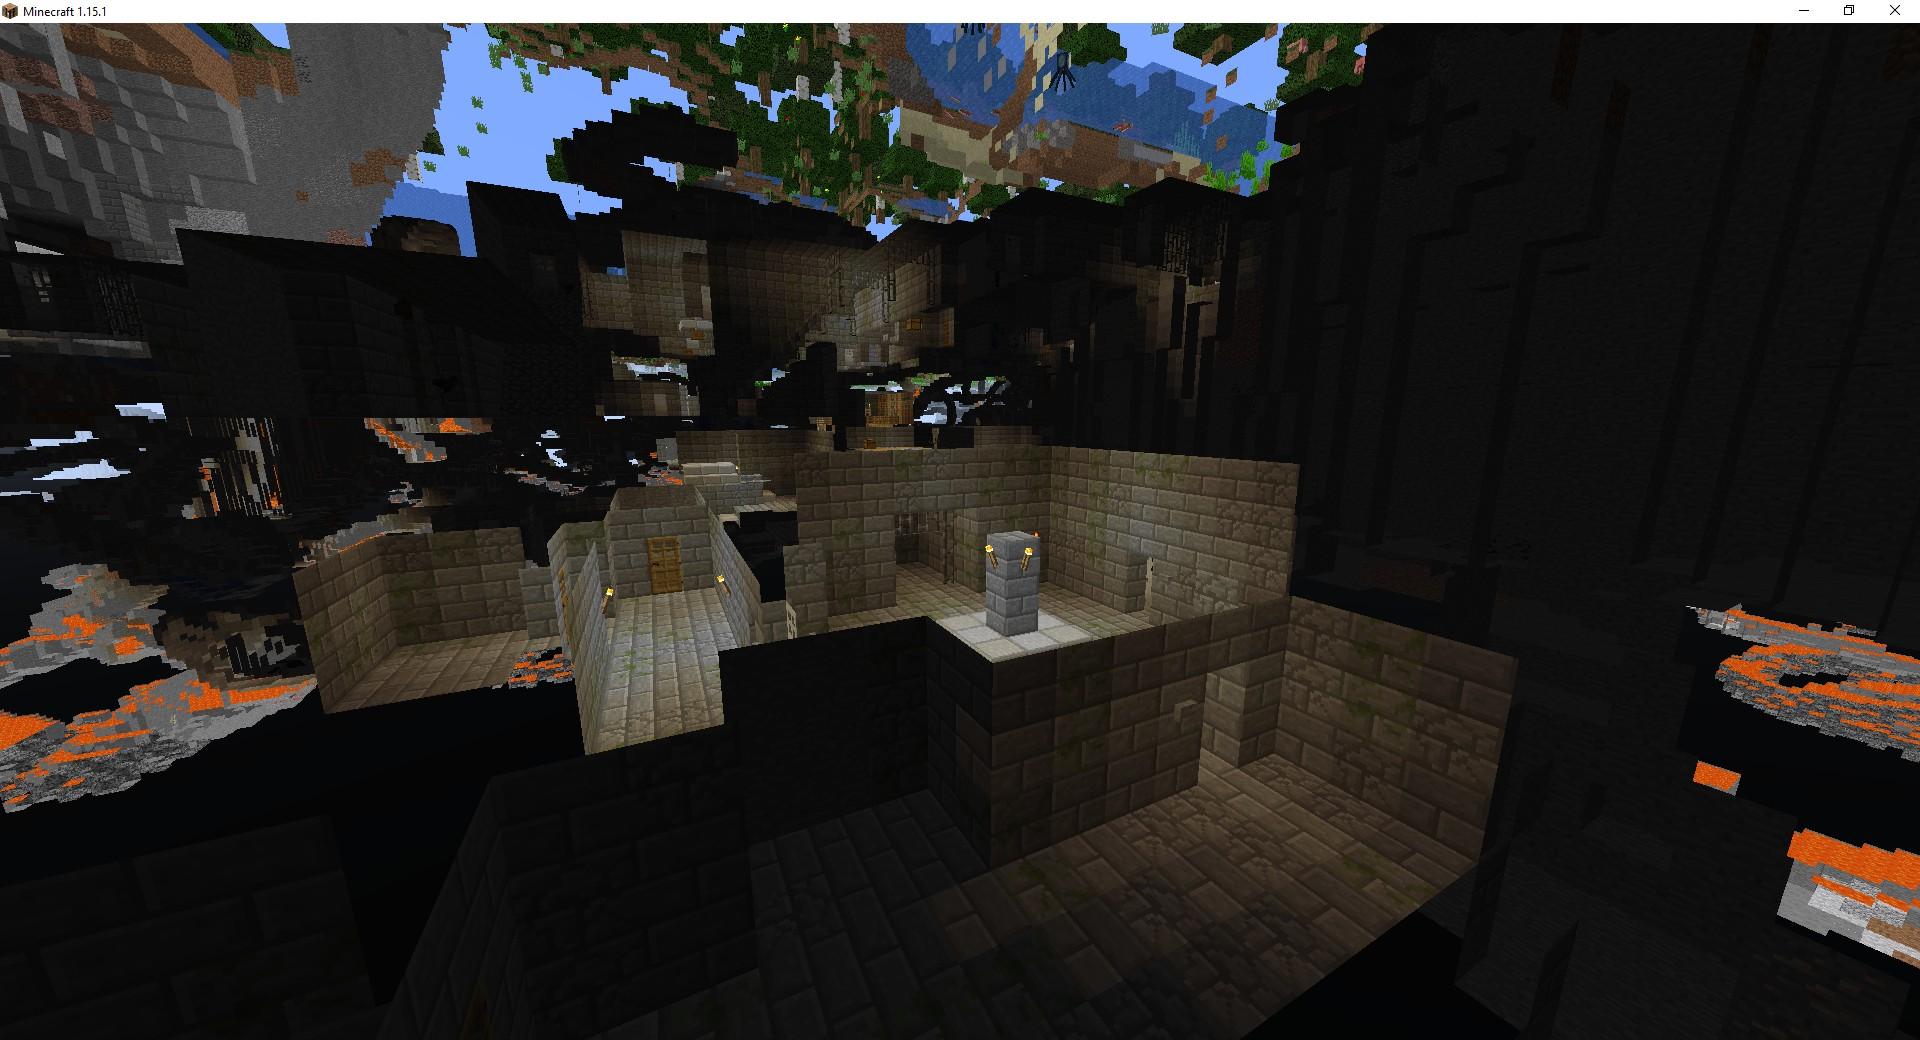 Сид «Подземная крепость ипортал вкрай» - скриншот 6